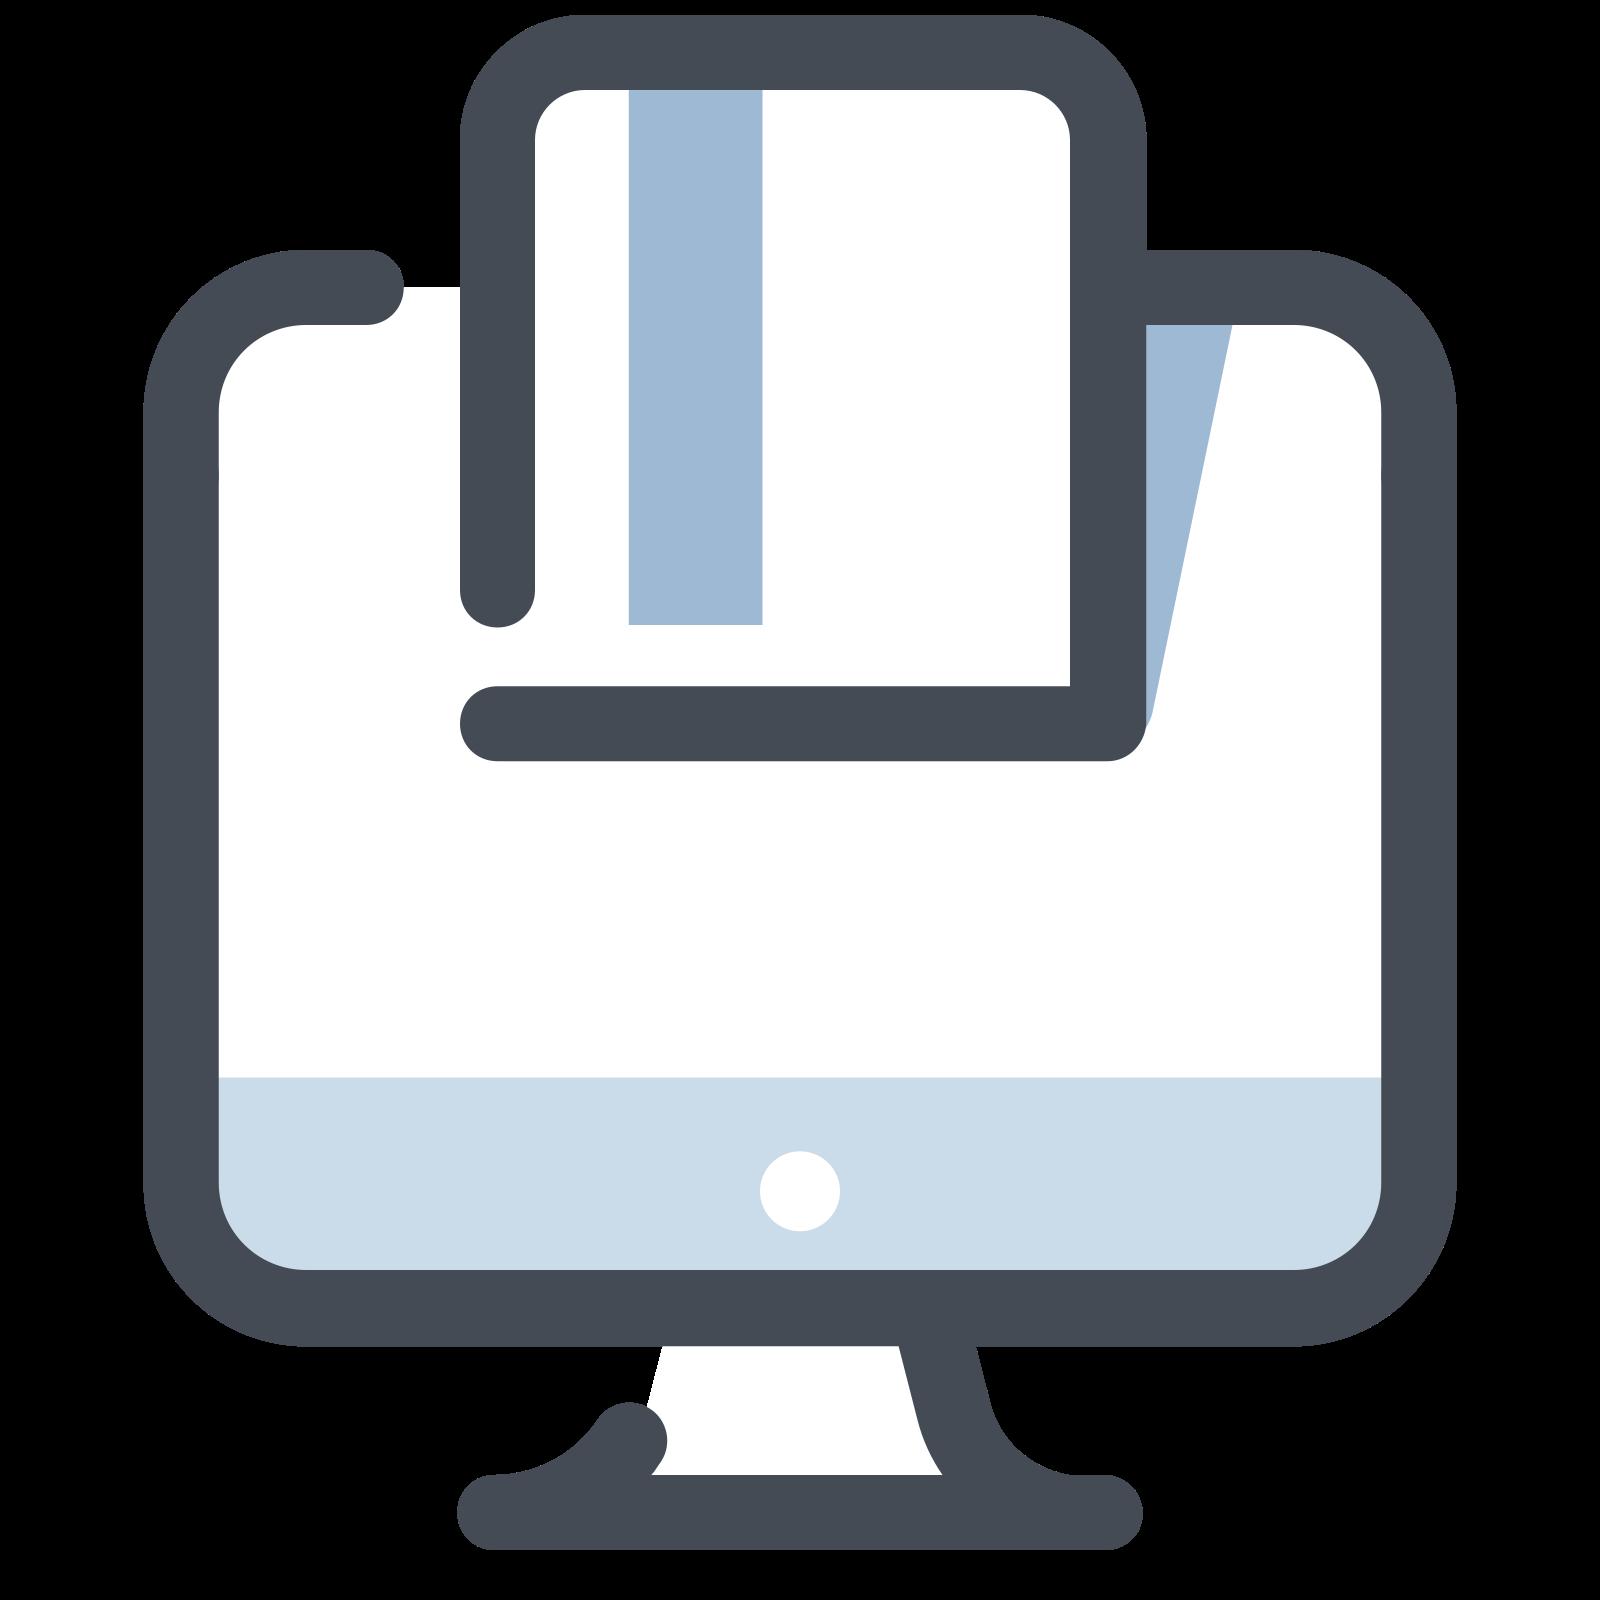 Płatności online icon